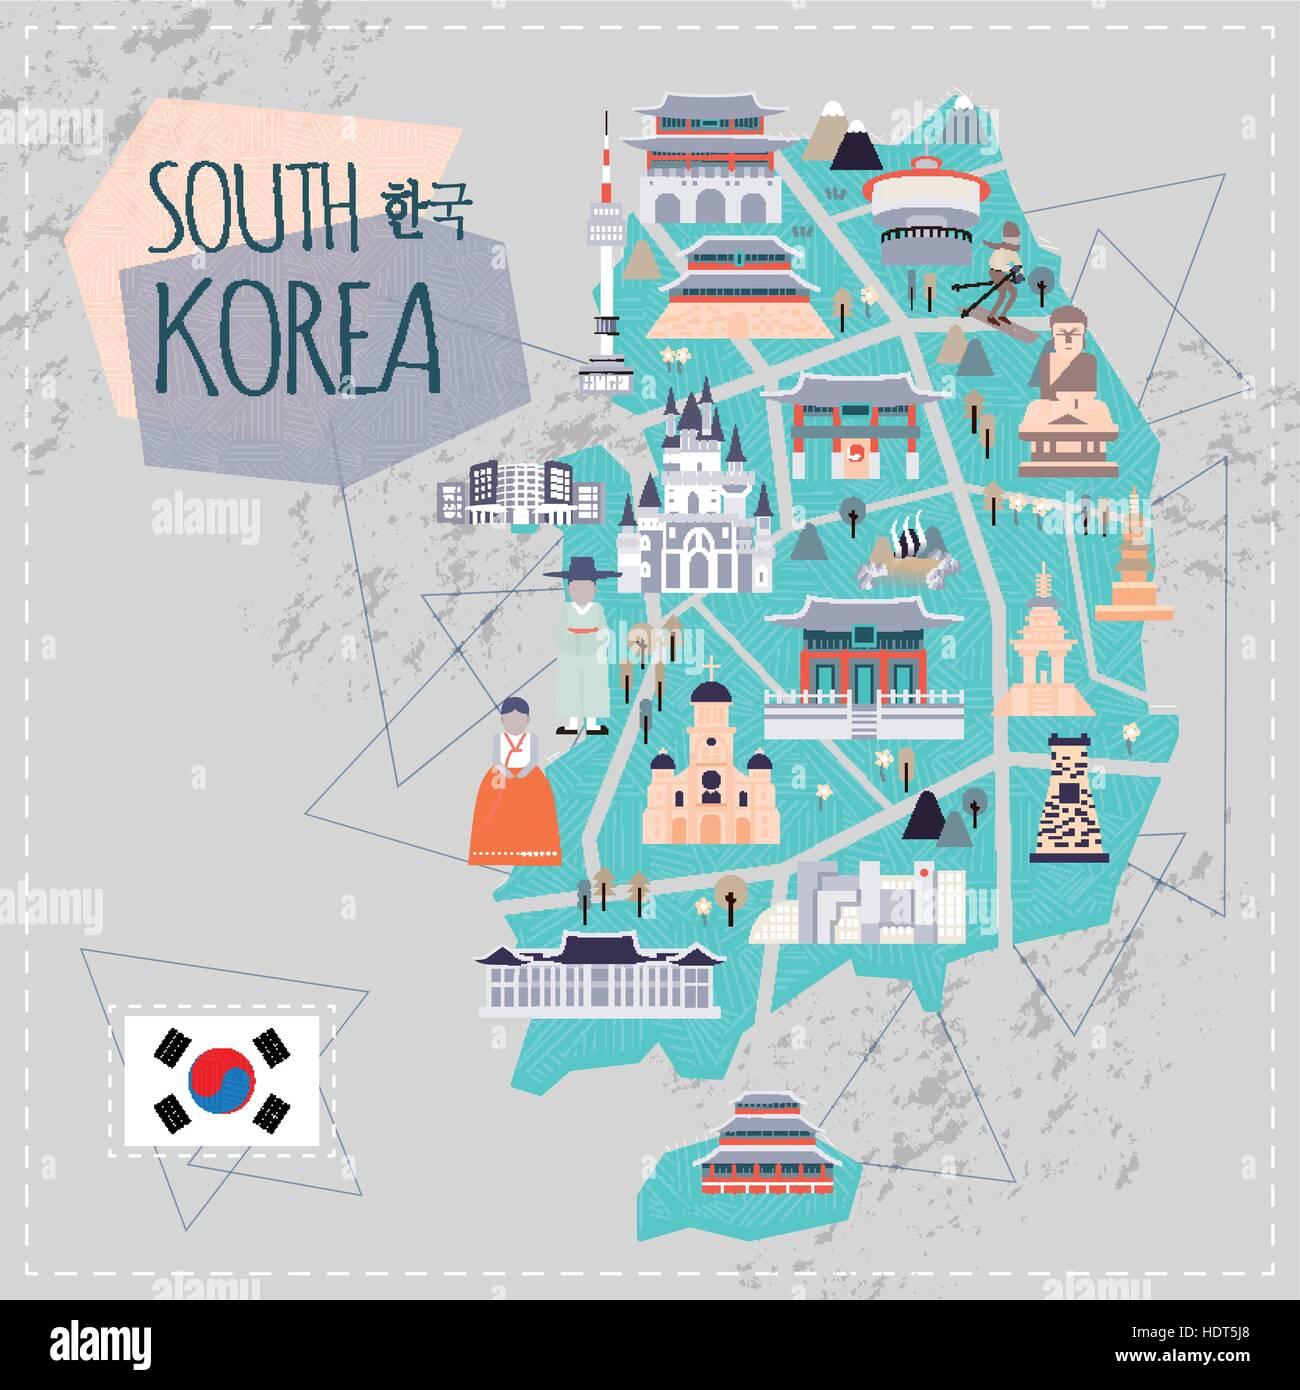 lovely South Korea travel map in flat style Korea in Korean words